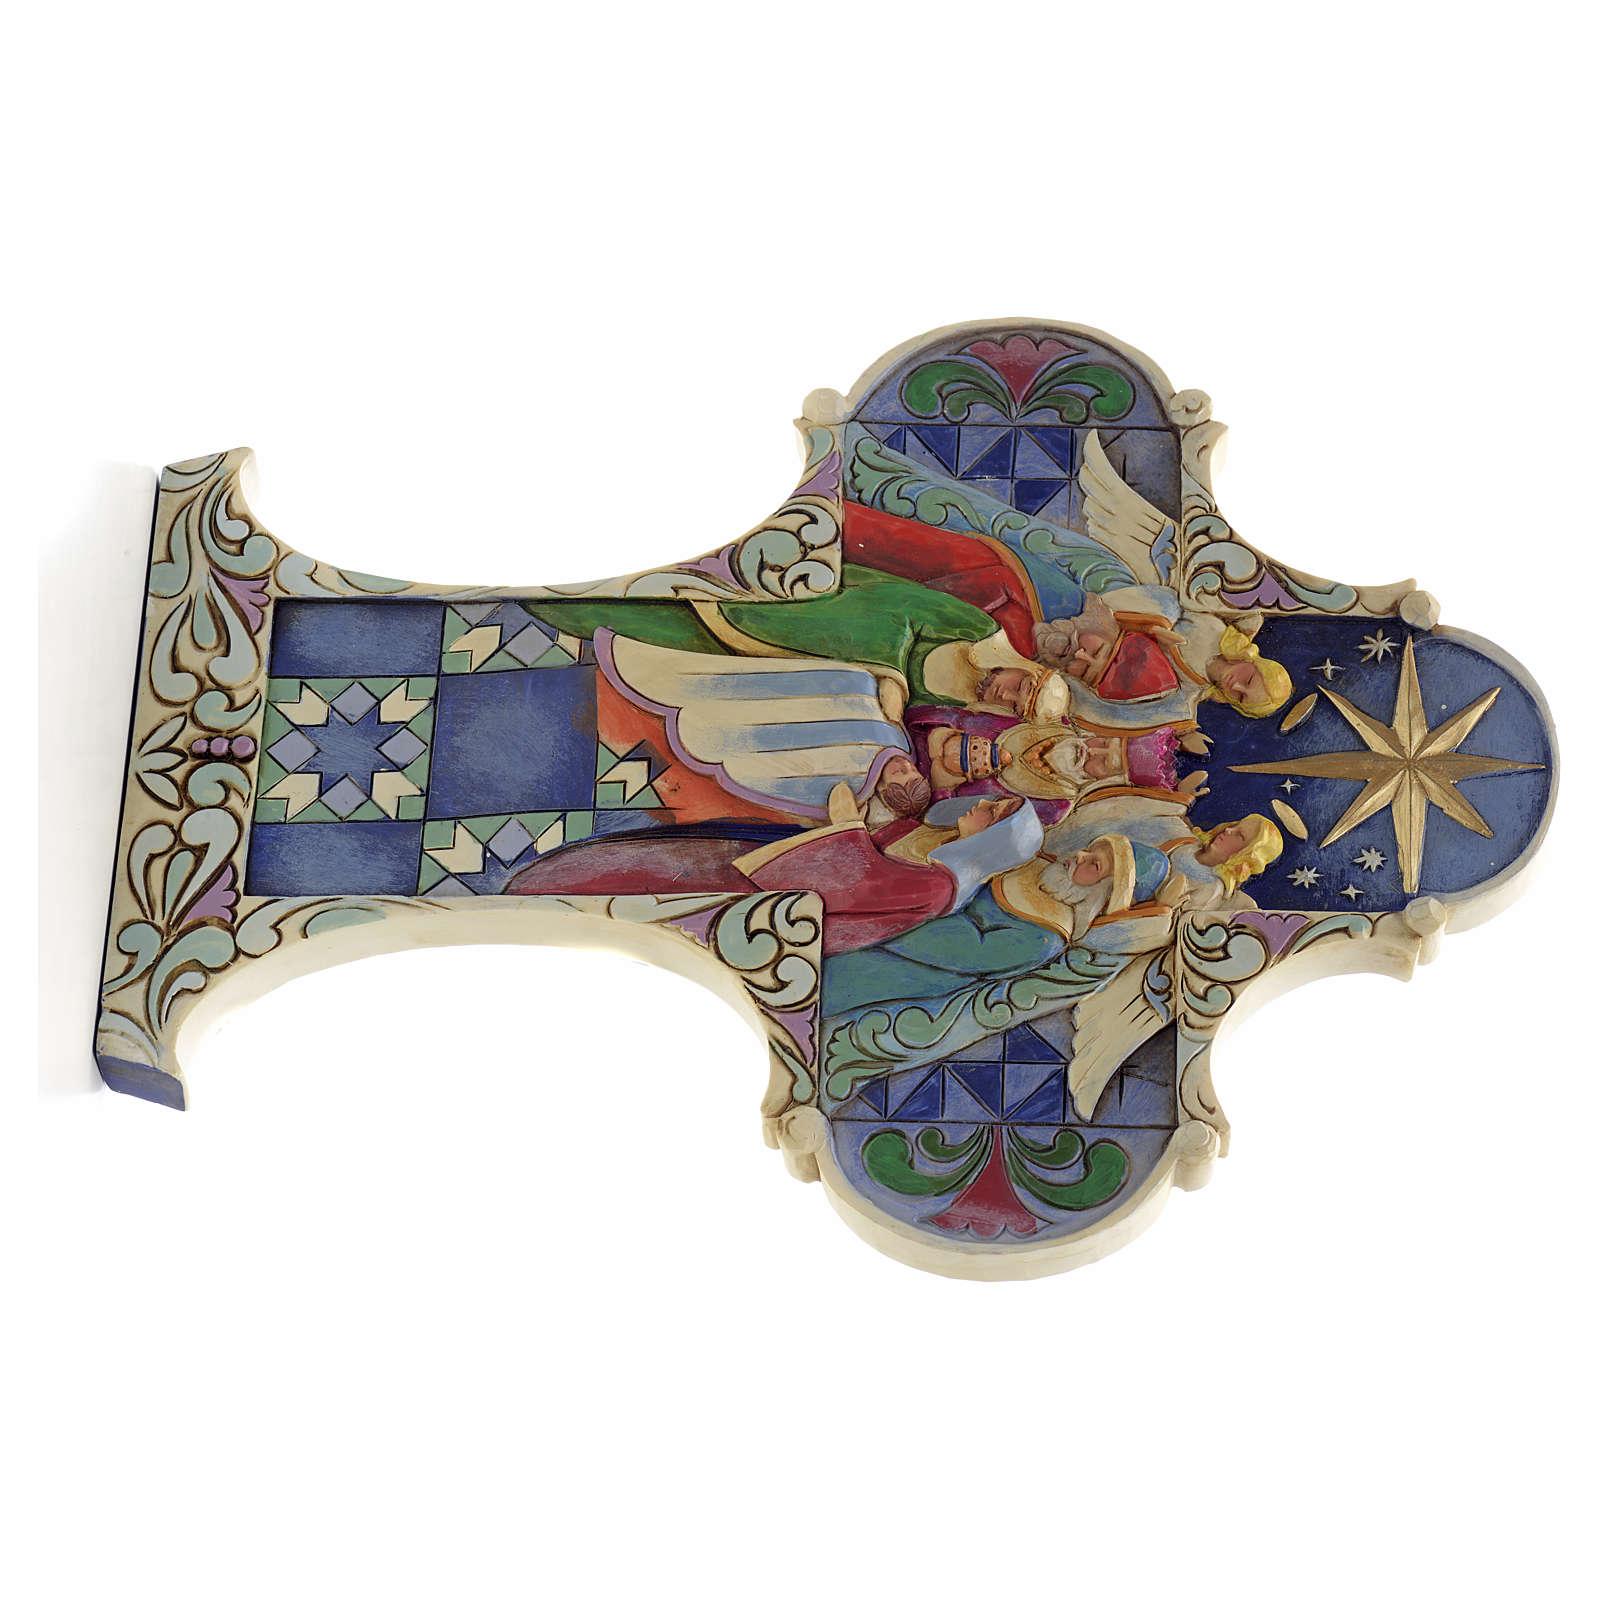 Croix de Noel Sainte Famille Jim Shore - Nativity cross 4